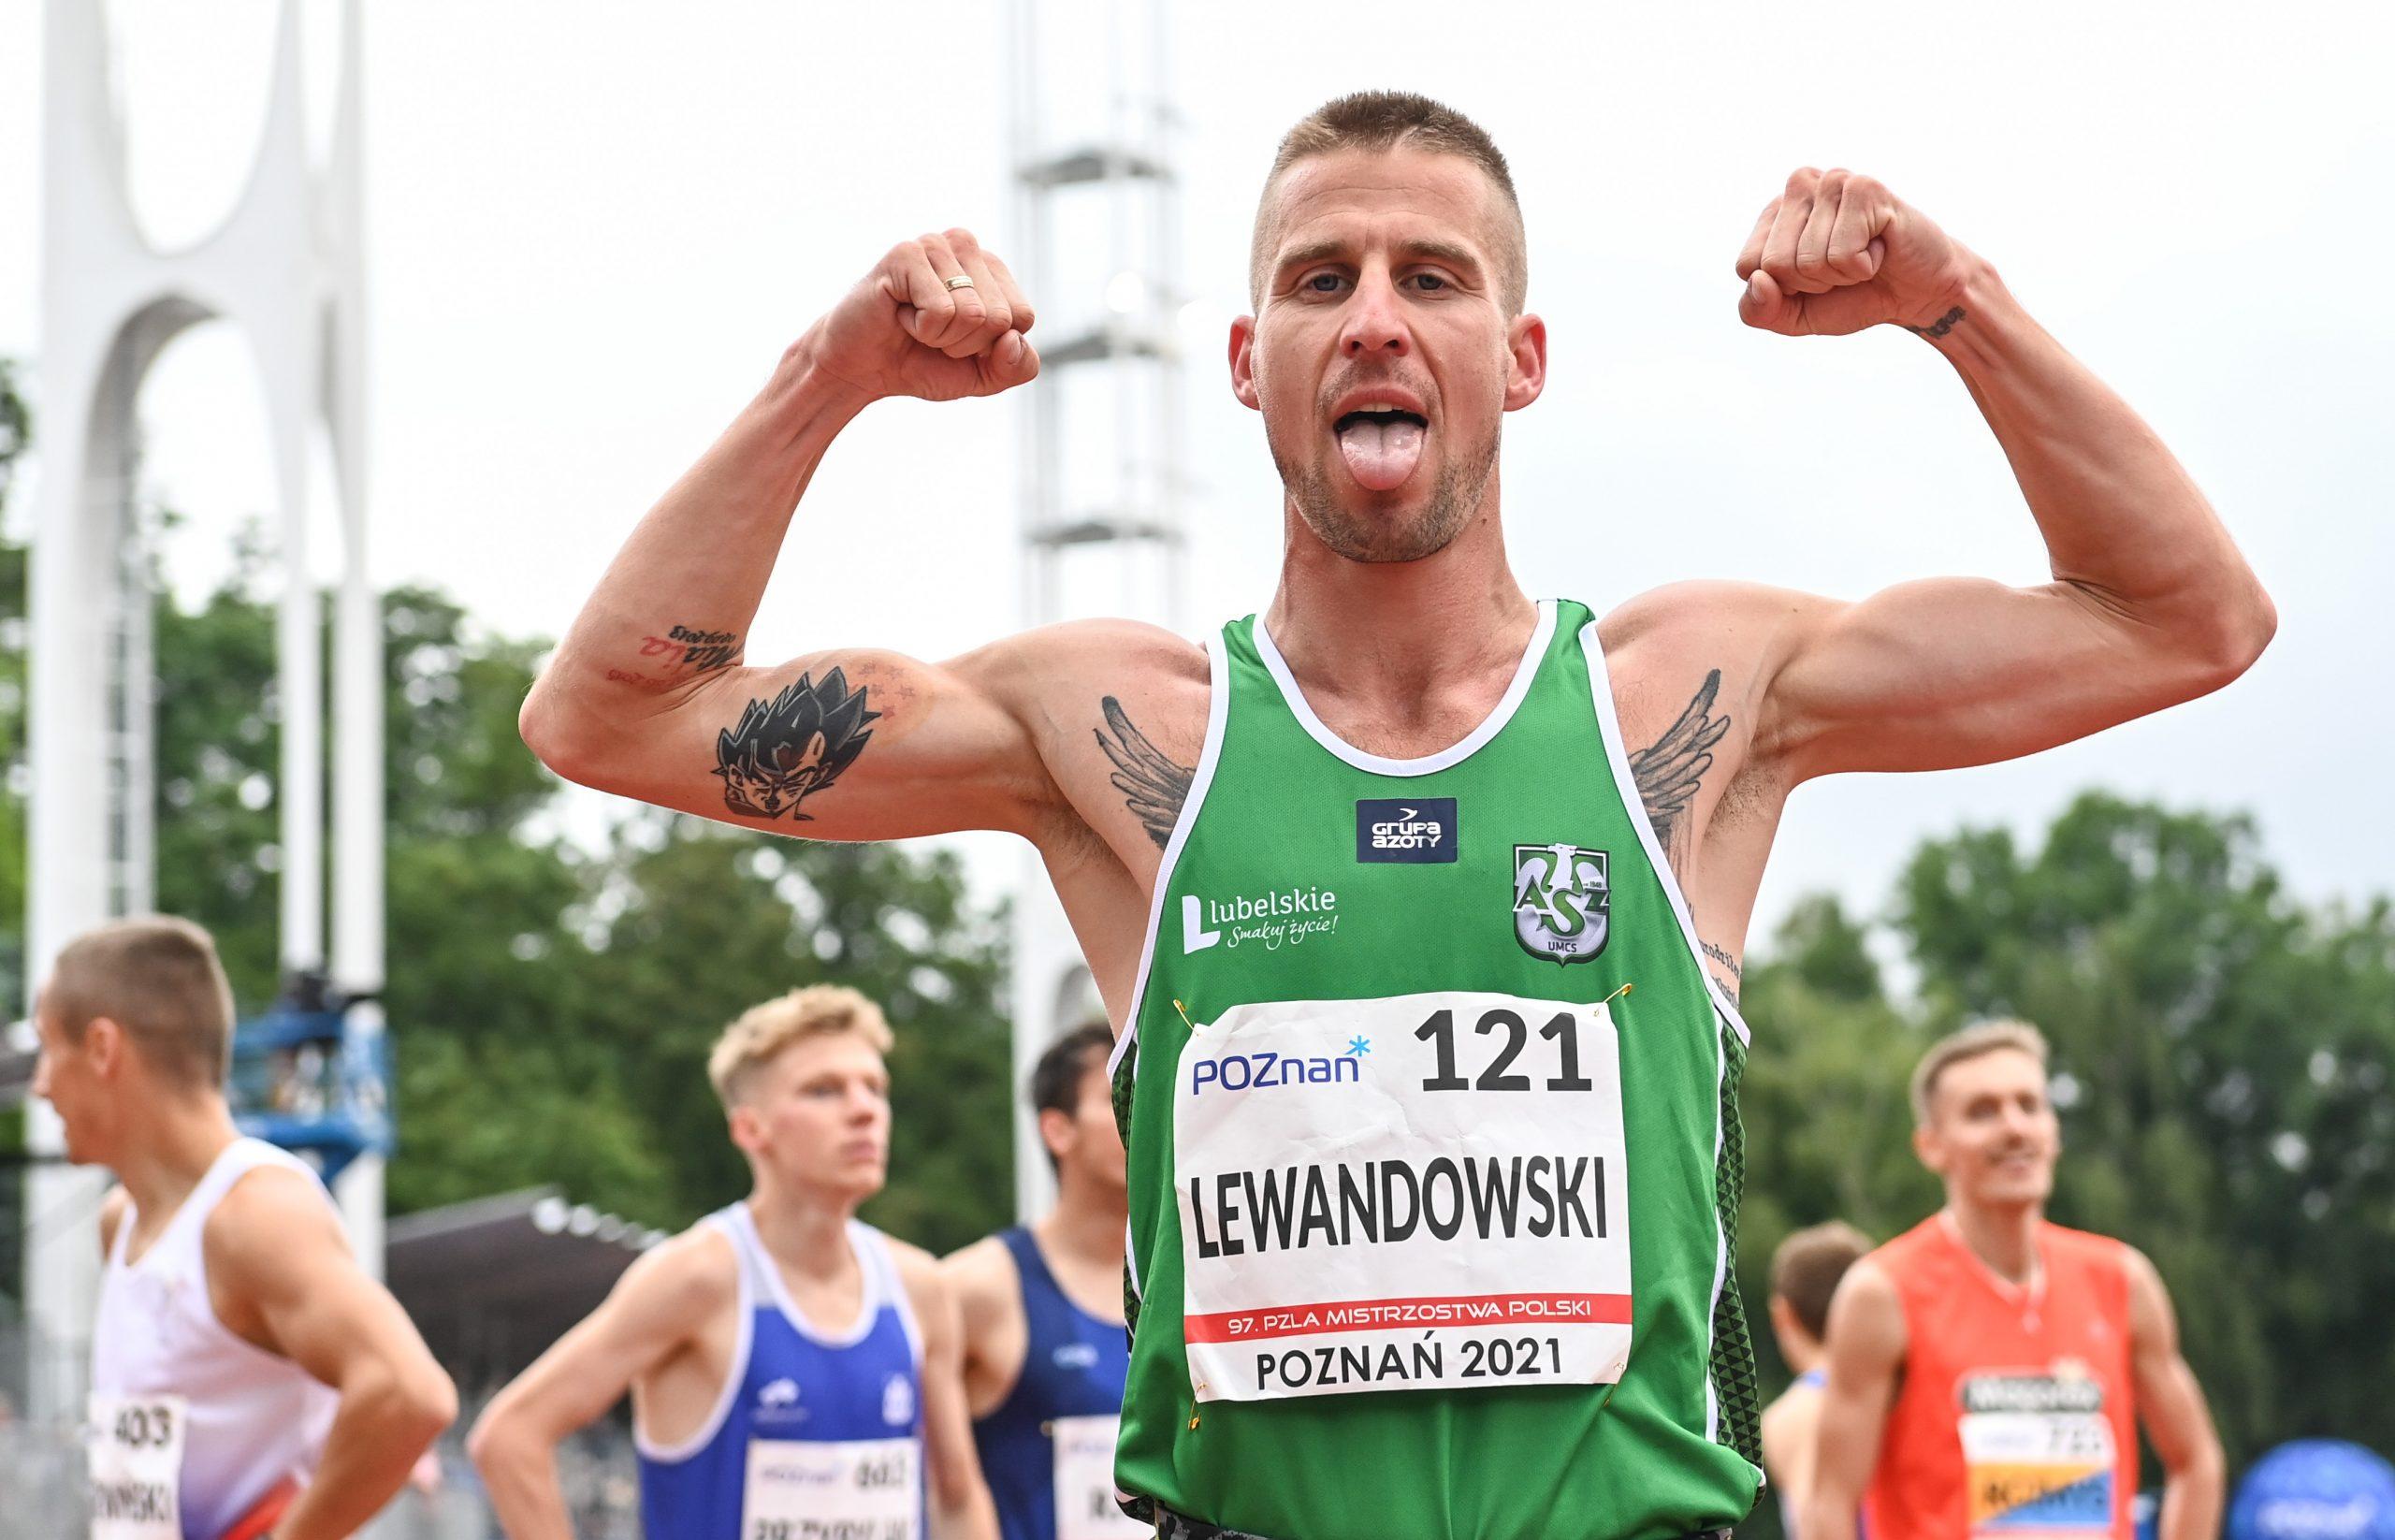 Marcin Lewandowski poprawił własny rekord Polski